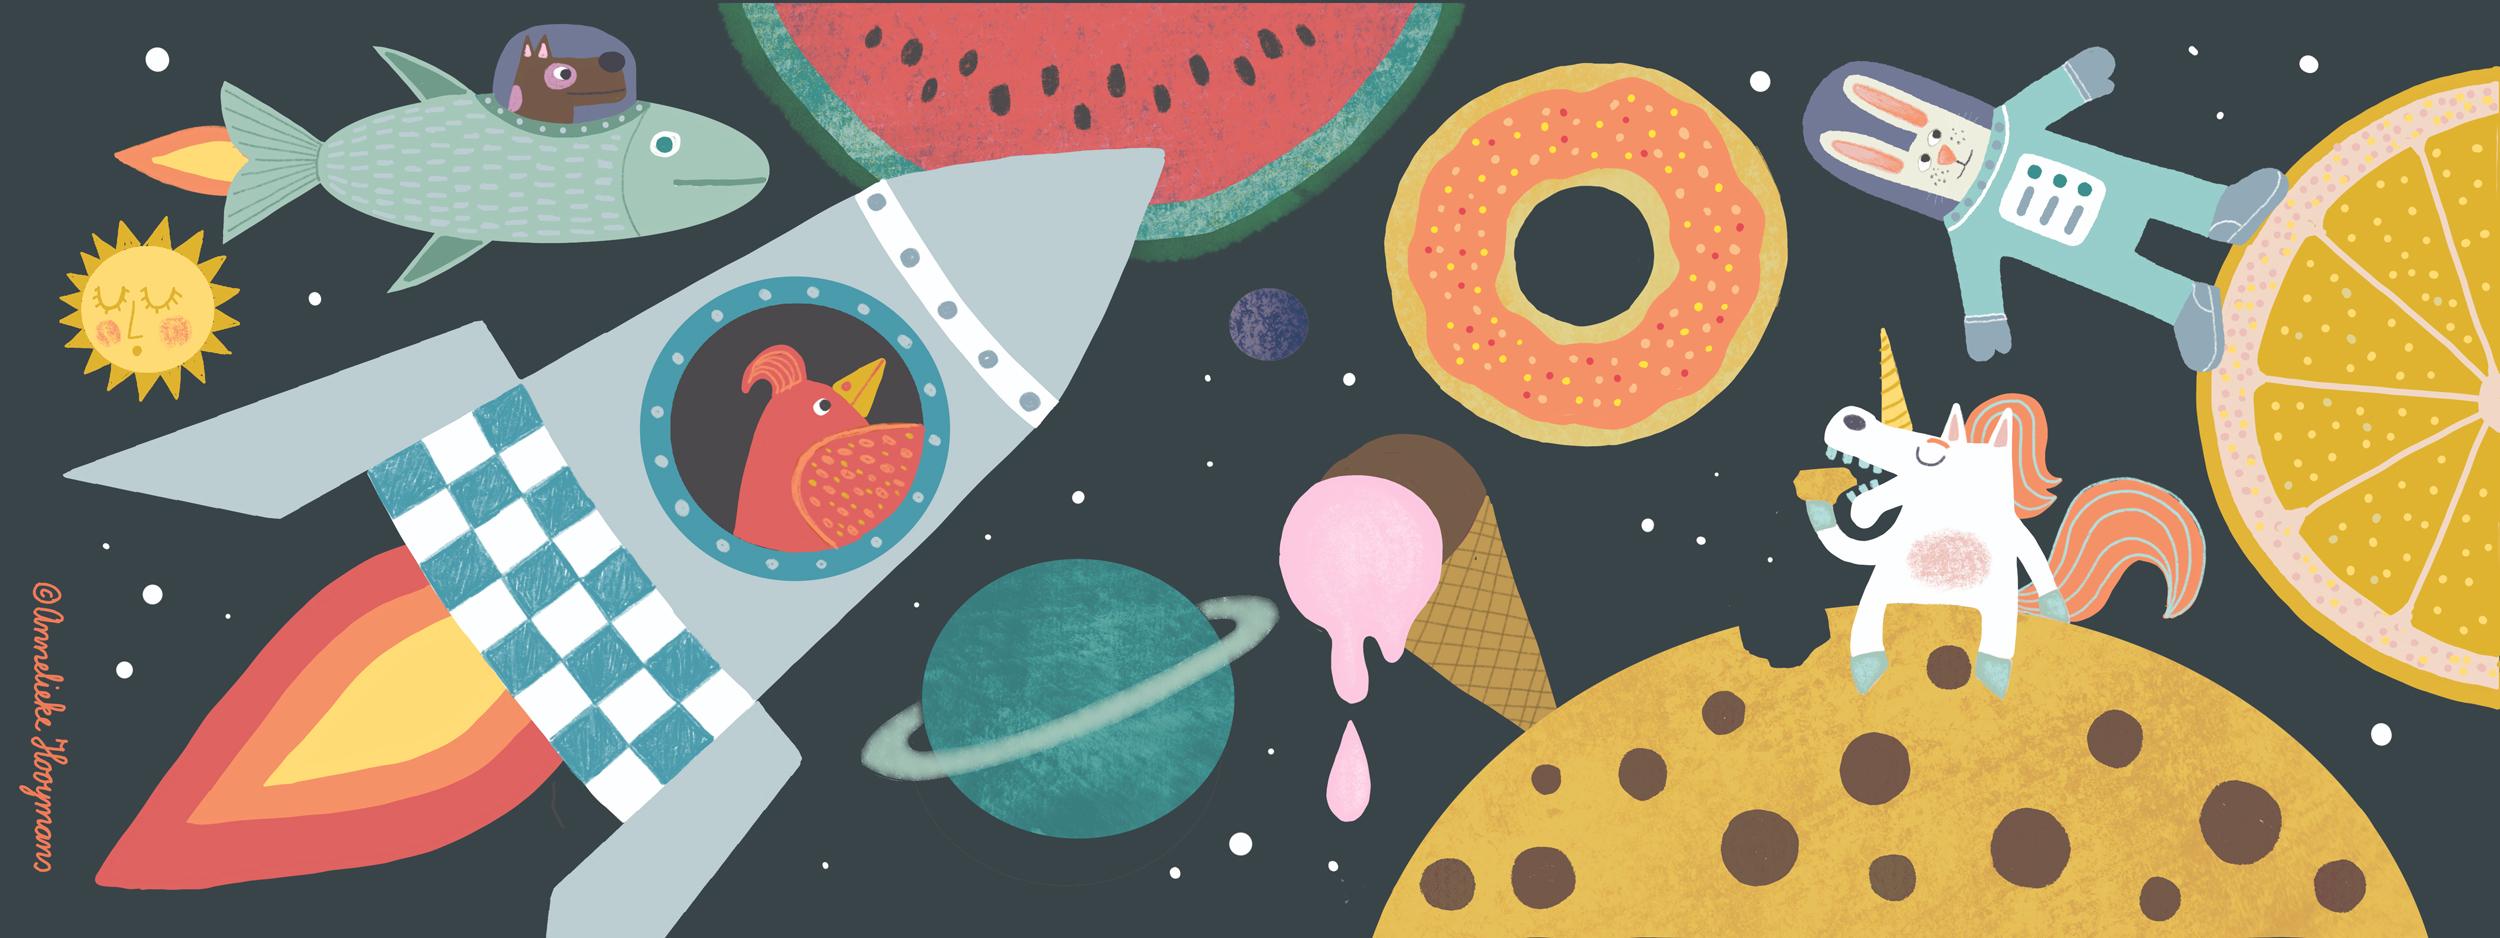 Illustratie gemaakt voor 'They draw and travel'